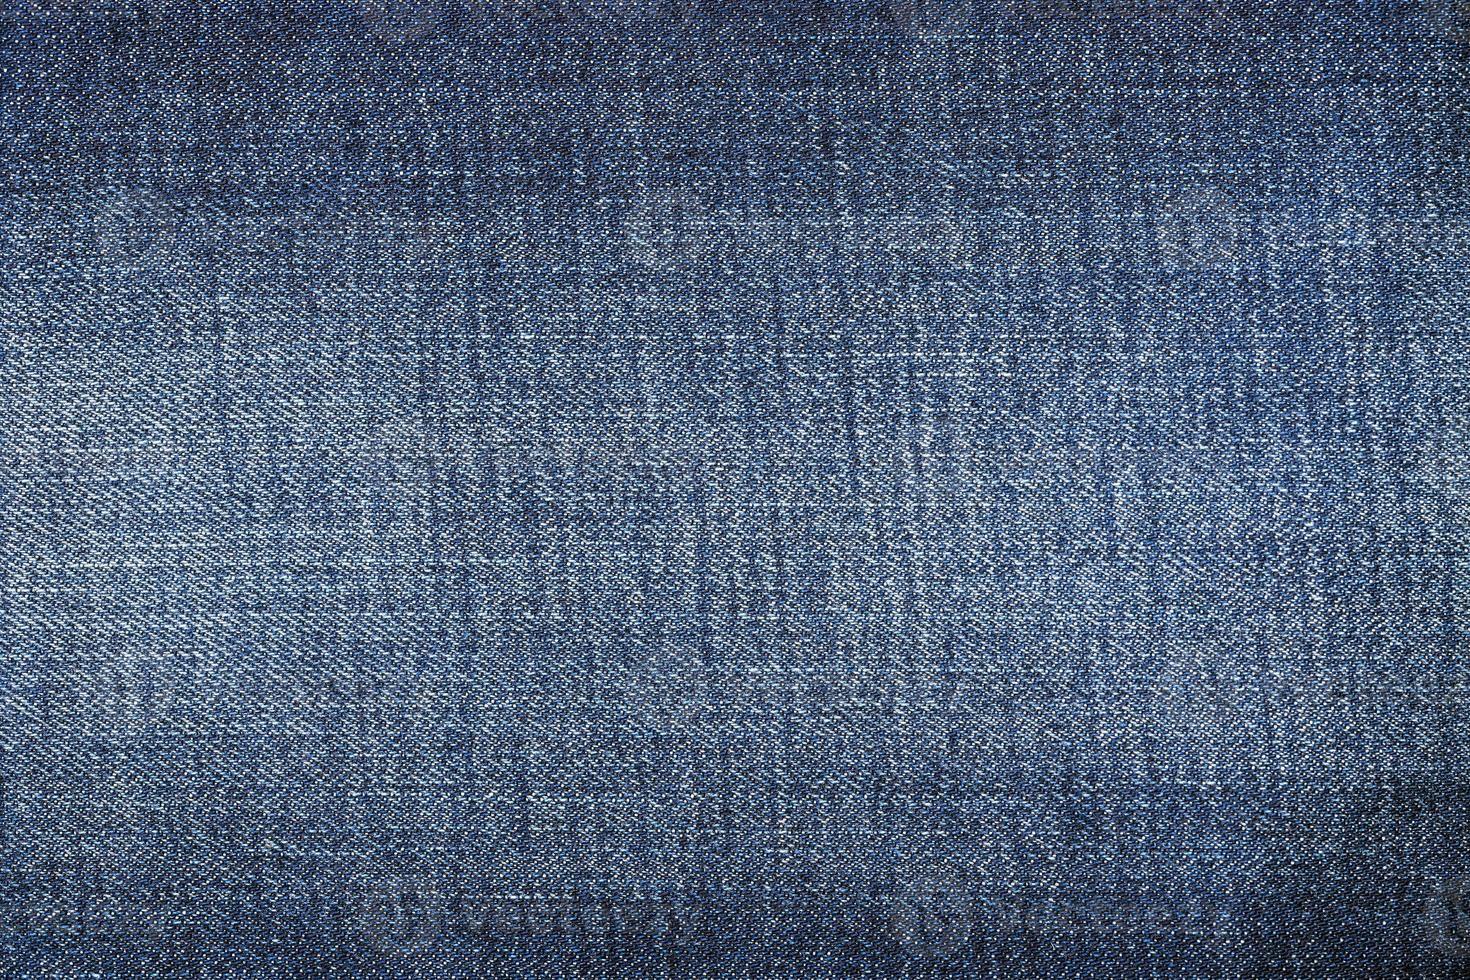 Jeans Textur foto